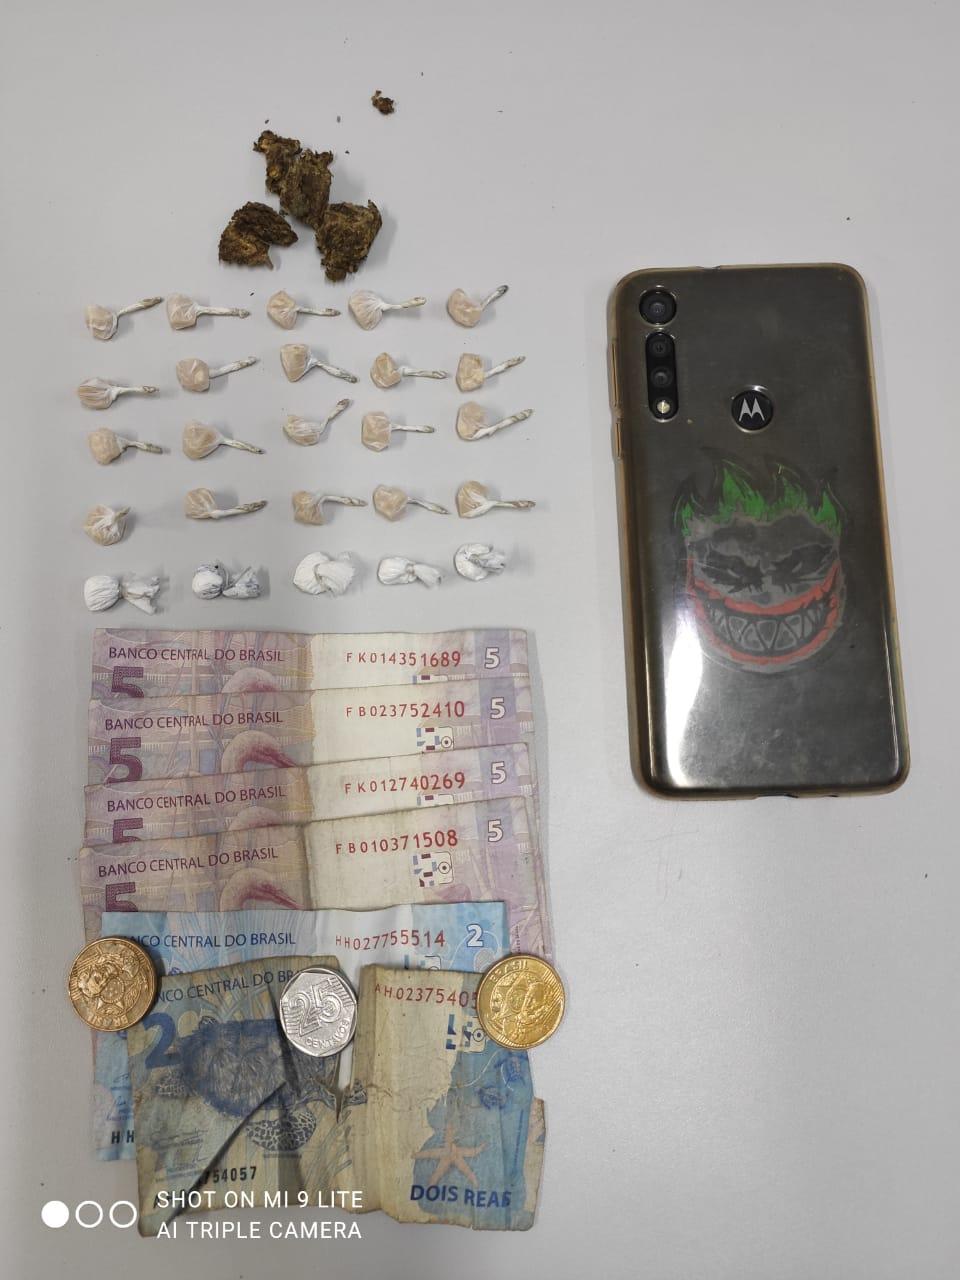 Rapaz suspeito de envolvimento com o tráfico de drogas é preso pela ROMU no Jardim Araçá